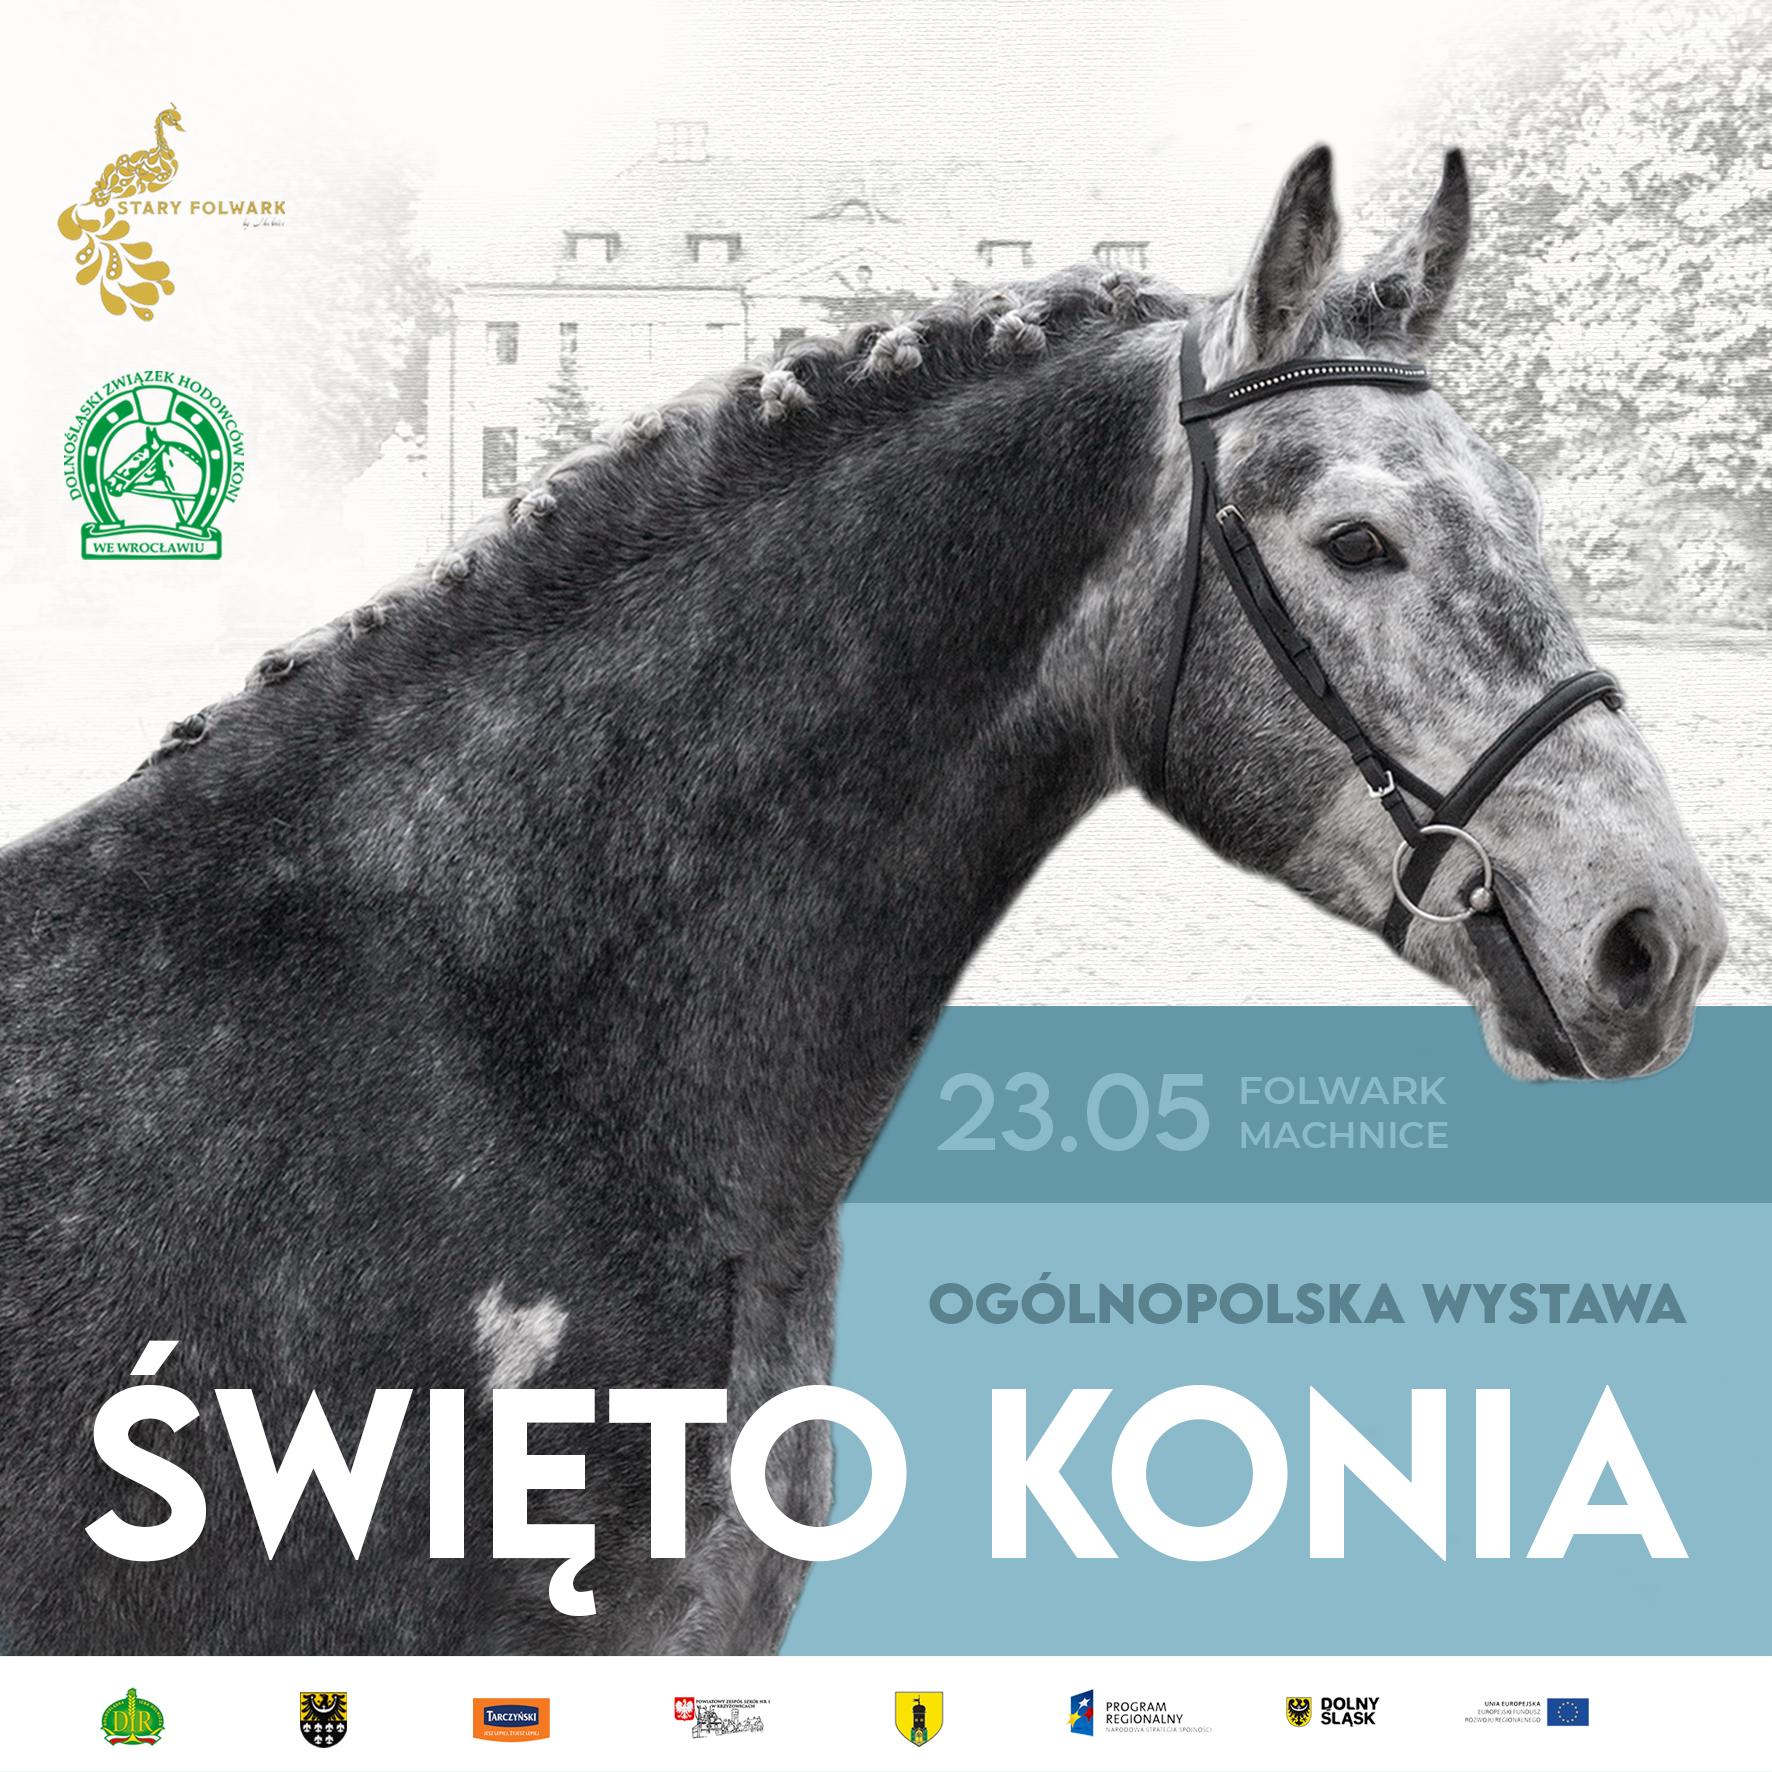 Święto Konia – Wystawa Młodzieży Hodowlanej